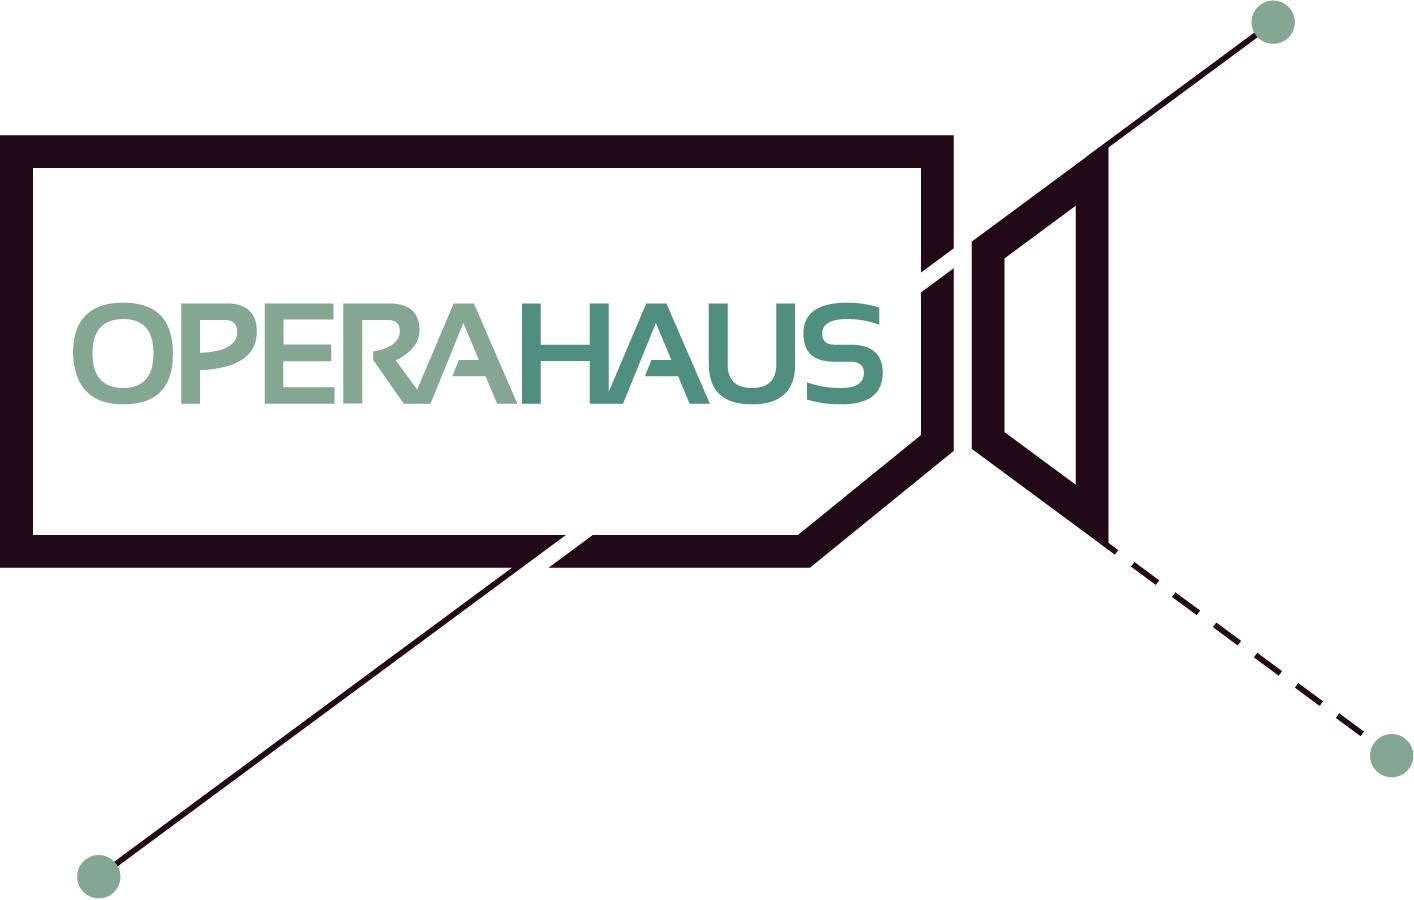 Logo Operahaus - Instituto de Cinema